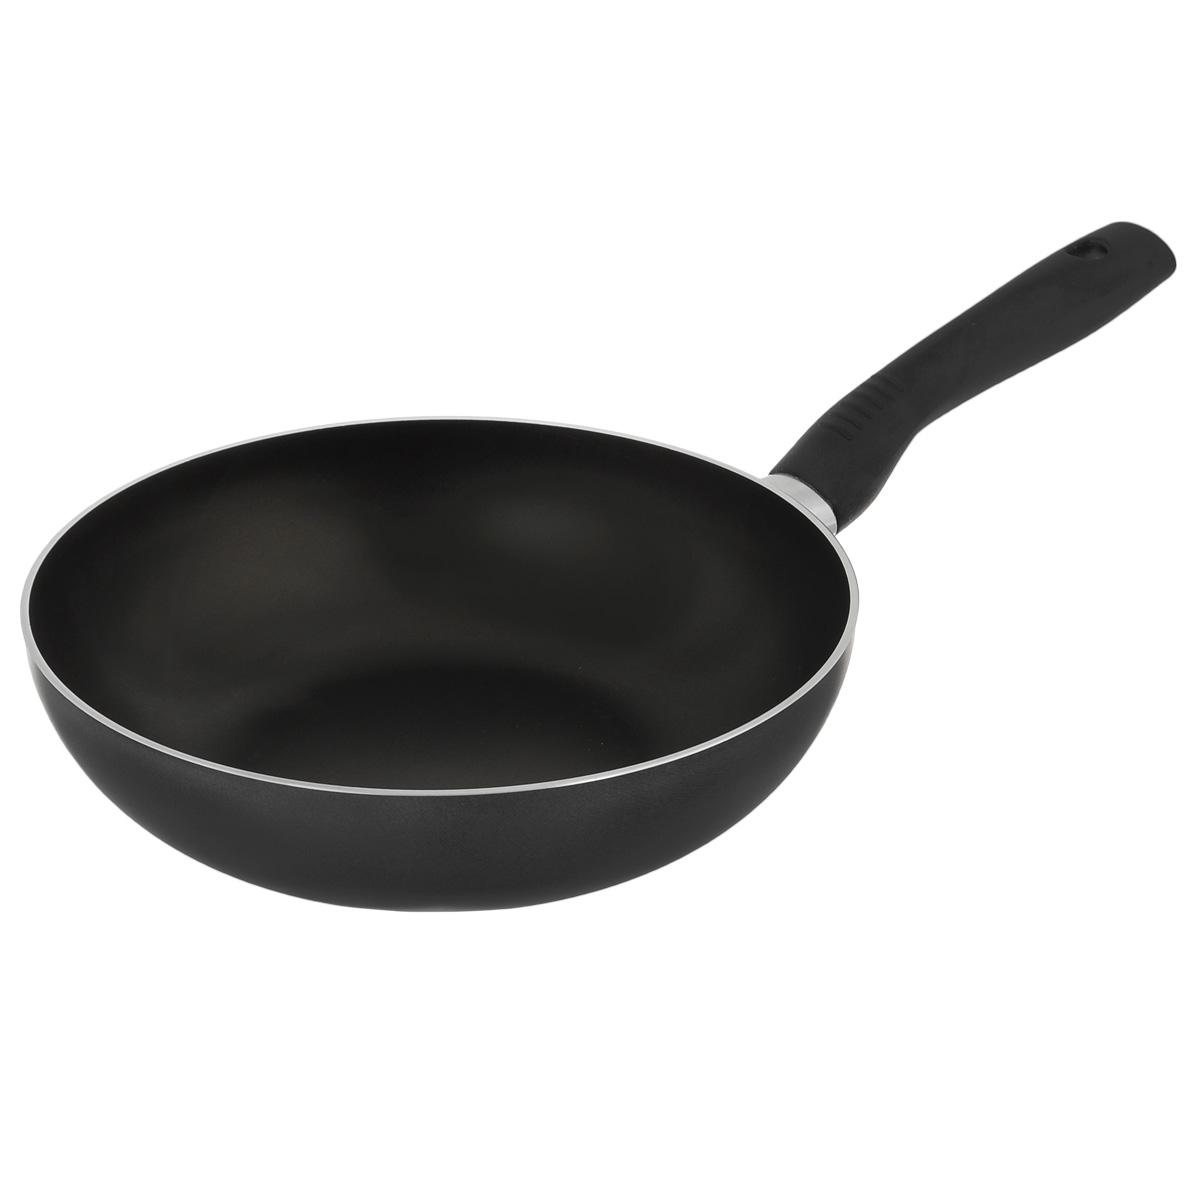 Сковорода-вок TVS Basilico, с антипригарным покрытием, цвет: черный. Диаметр 27 см сотейник tvs basilico с двумя ручками цвет черный диаметр 24 см